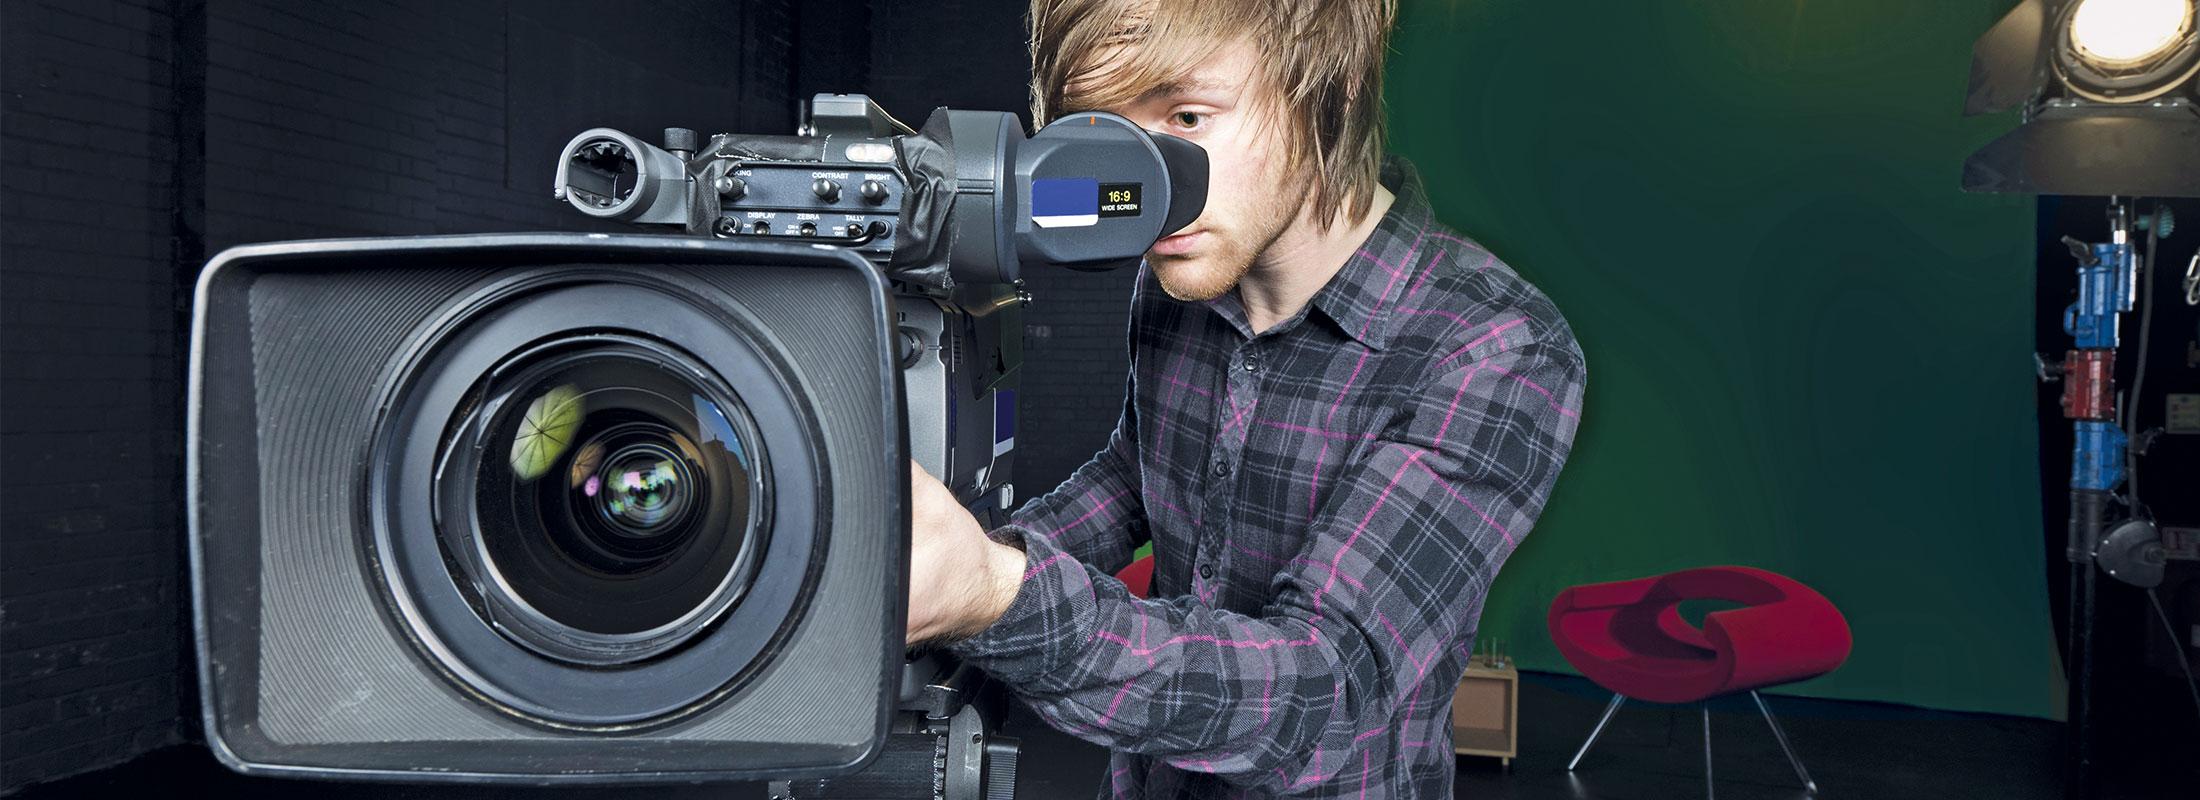 Ausbildung Mediengestalter Bild und Ton